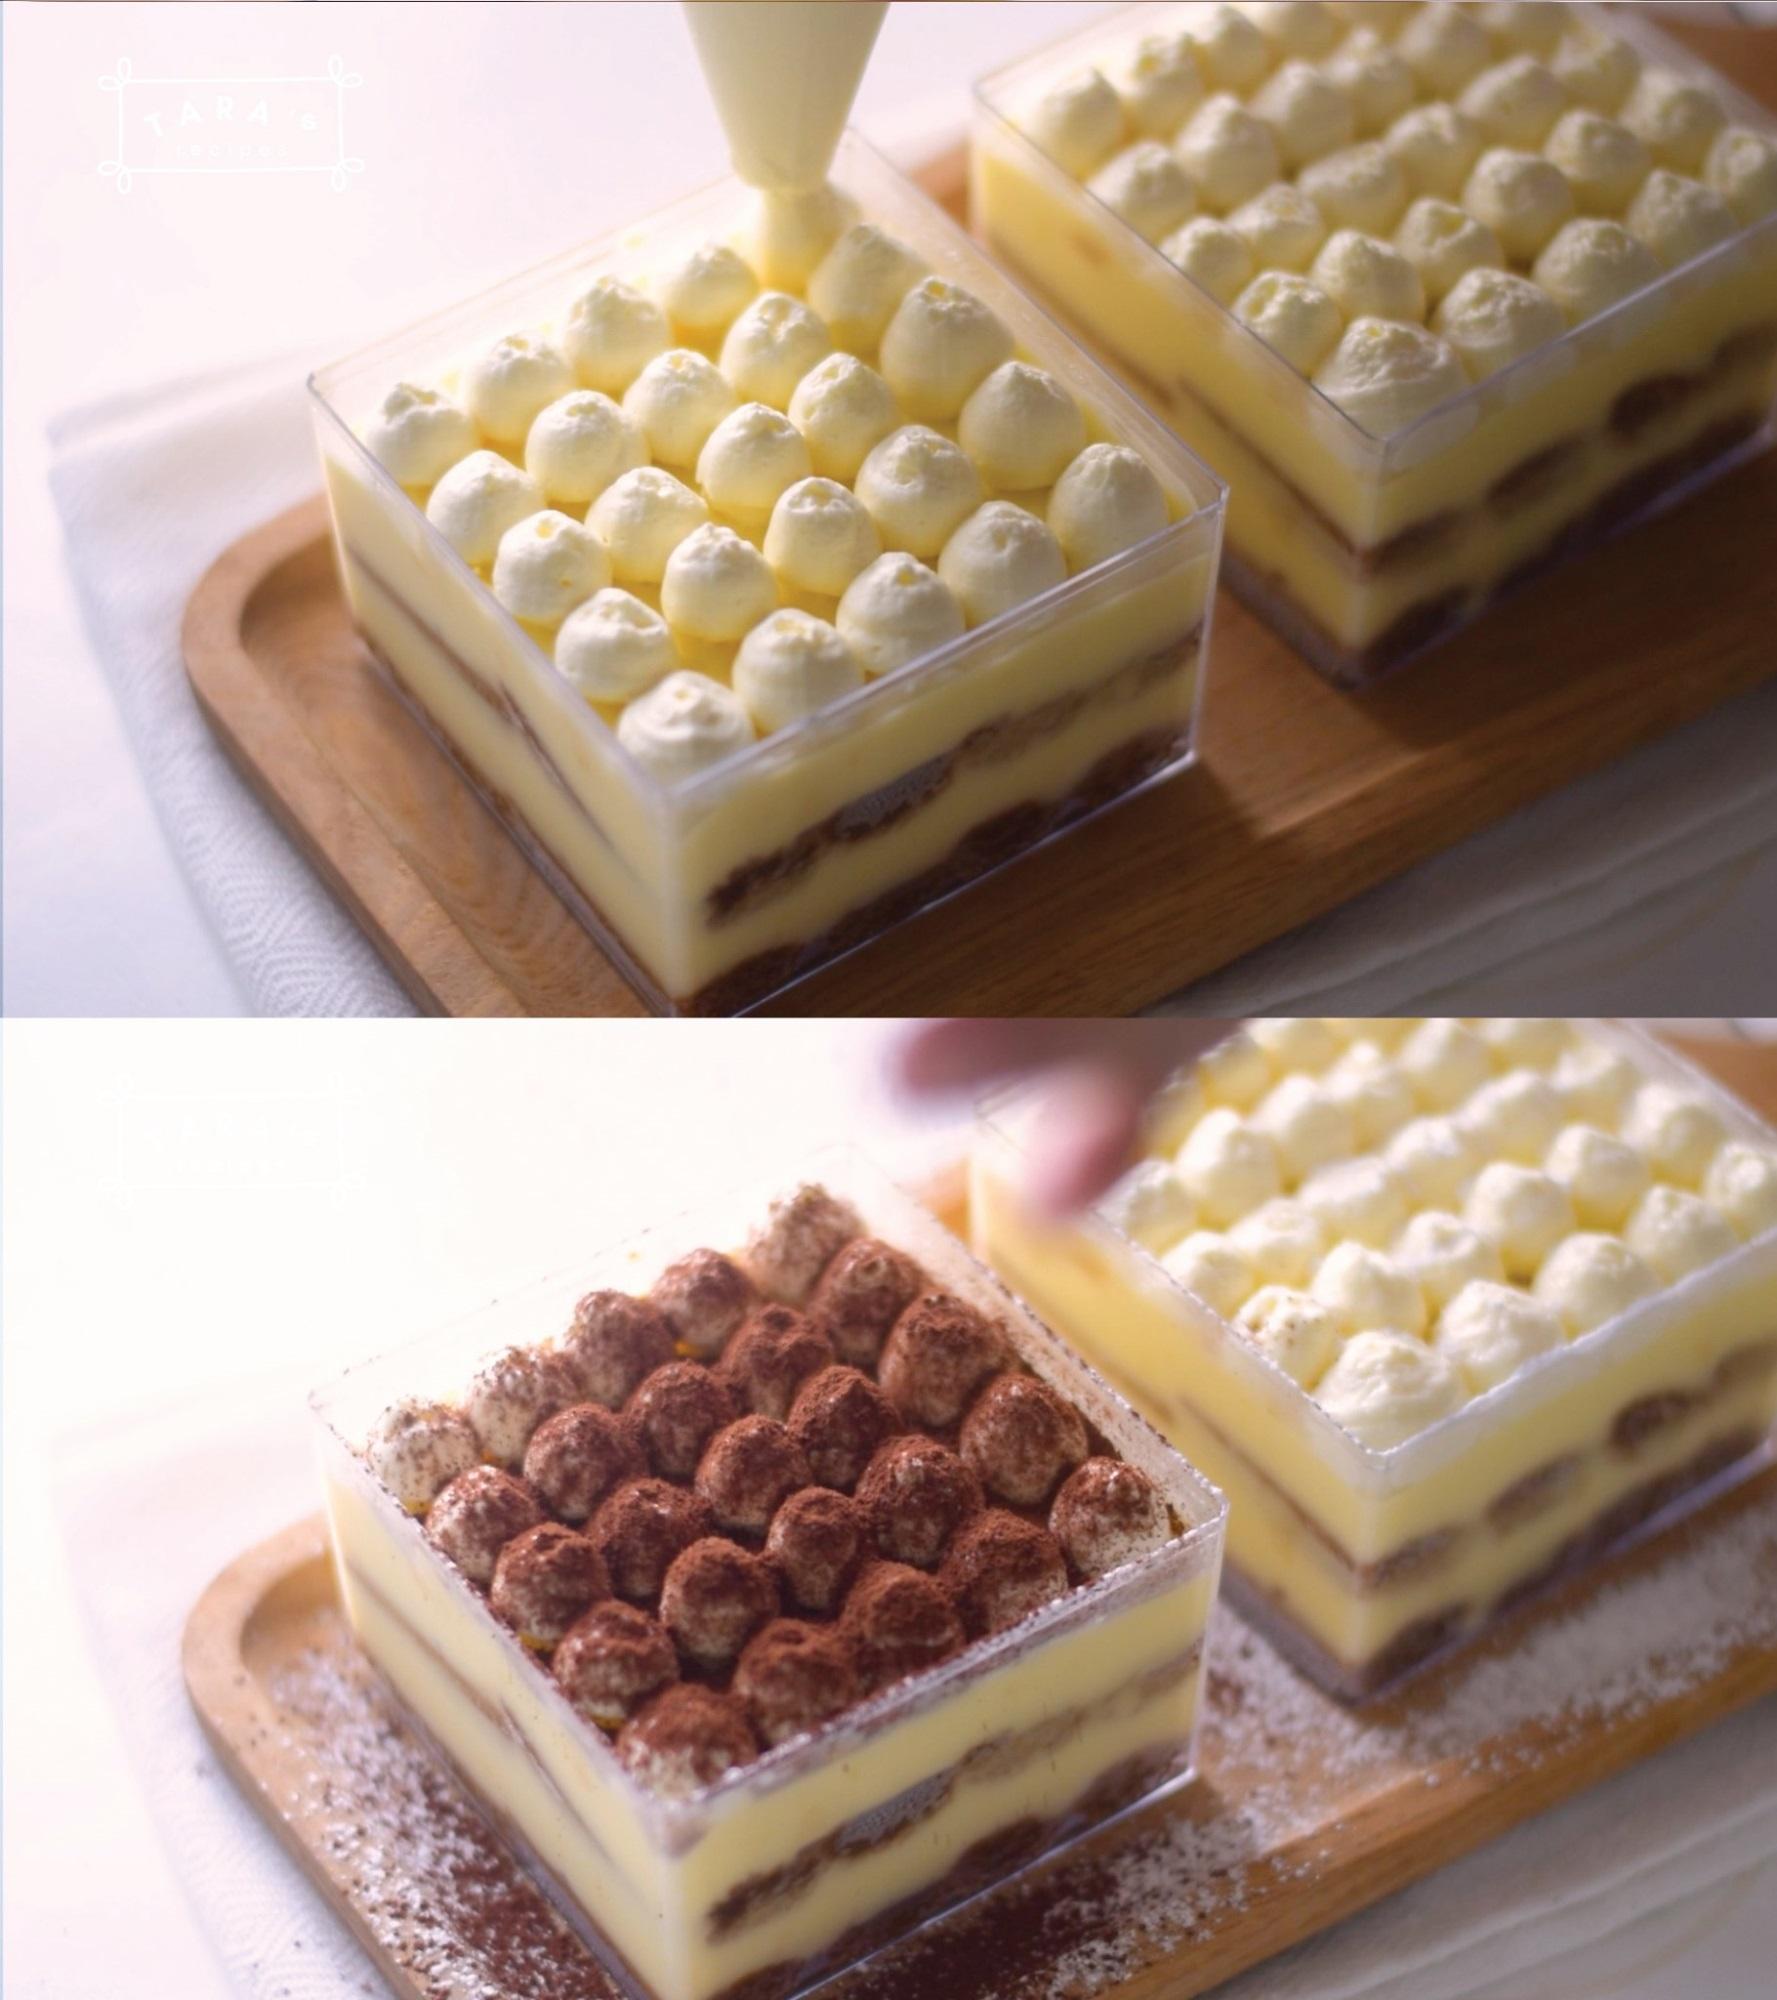 Cách làm bánh Tiramisu 'siêu tốc' - không cần lò nướng, không cần máy đánh trứng, không trứng gà - Ảnh 8